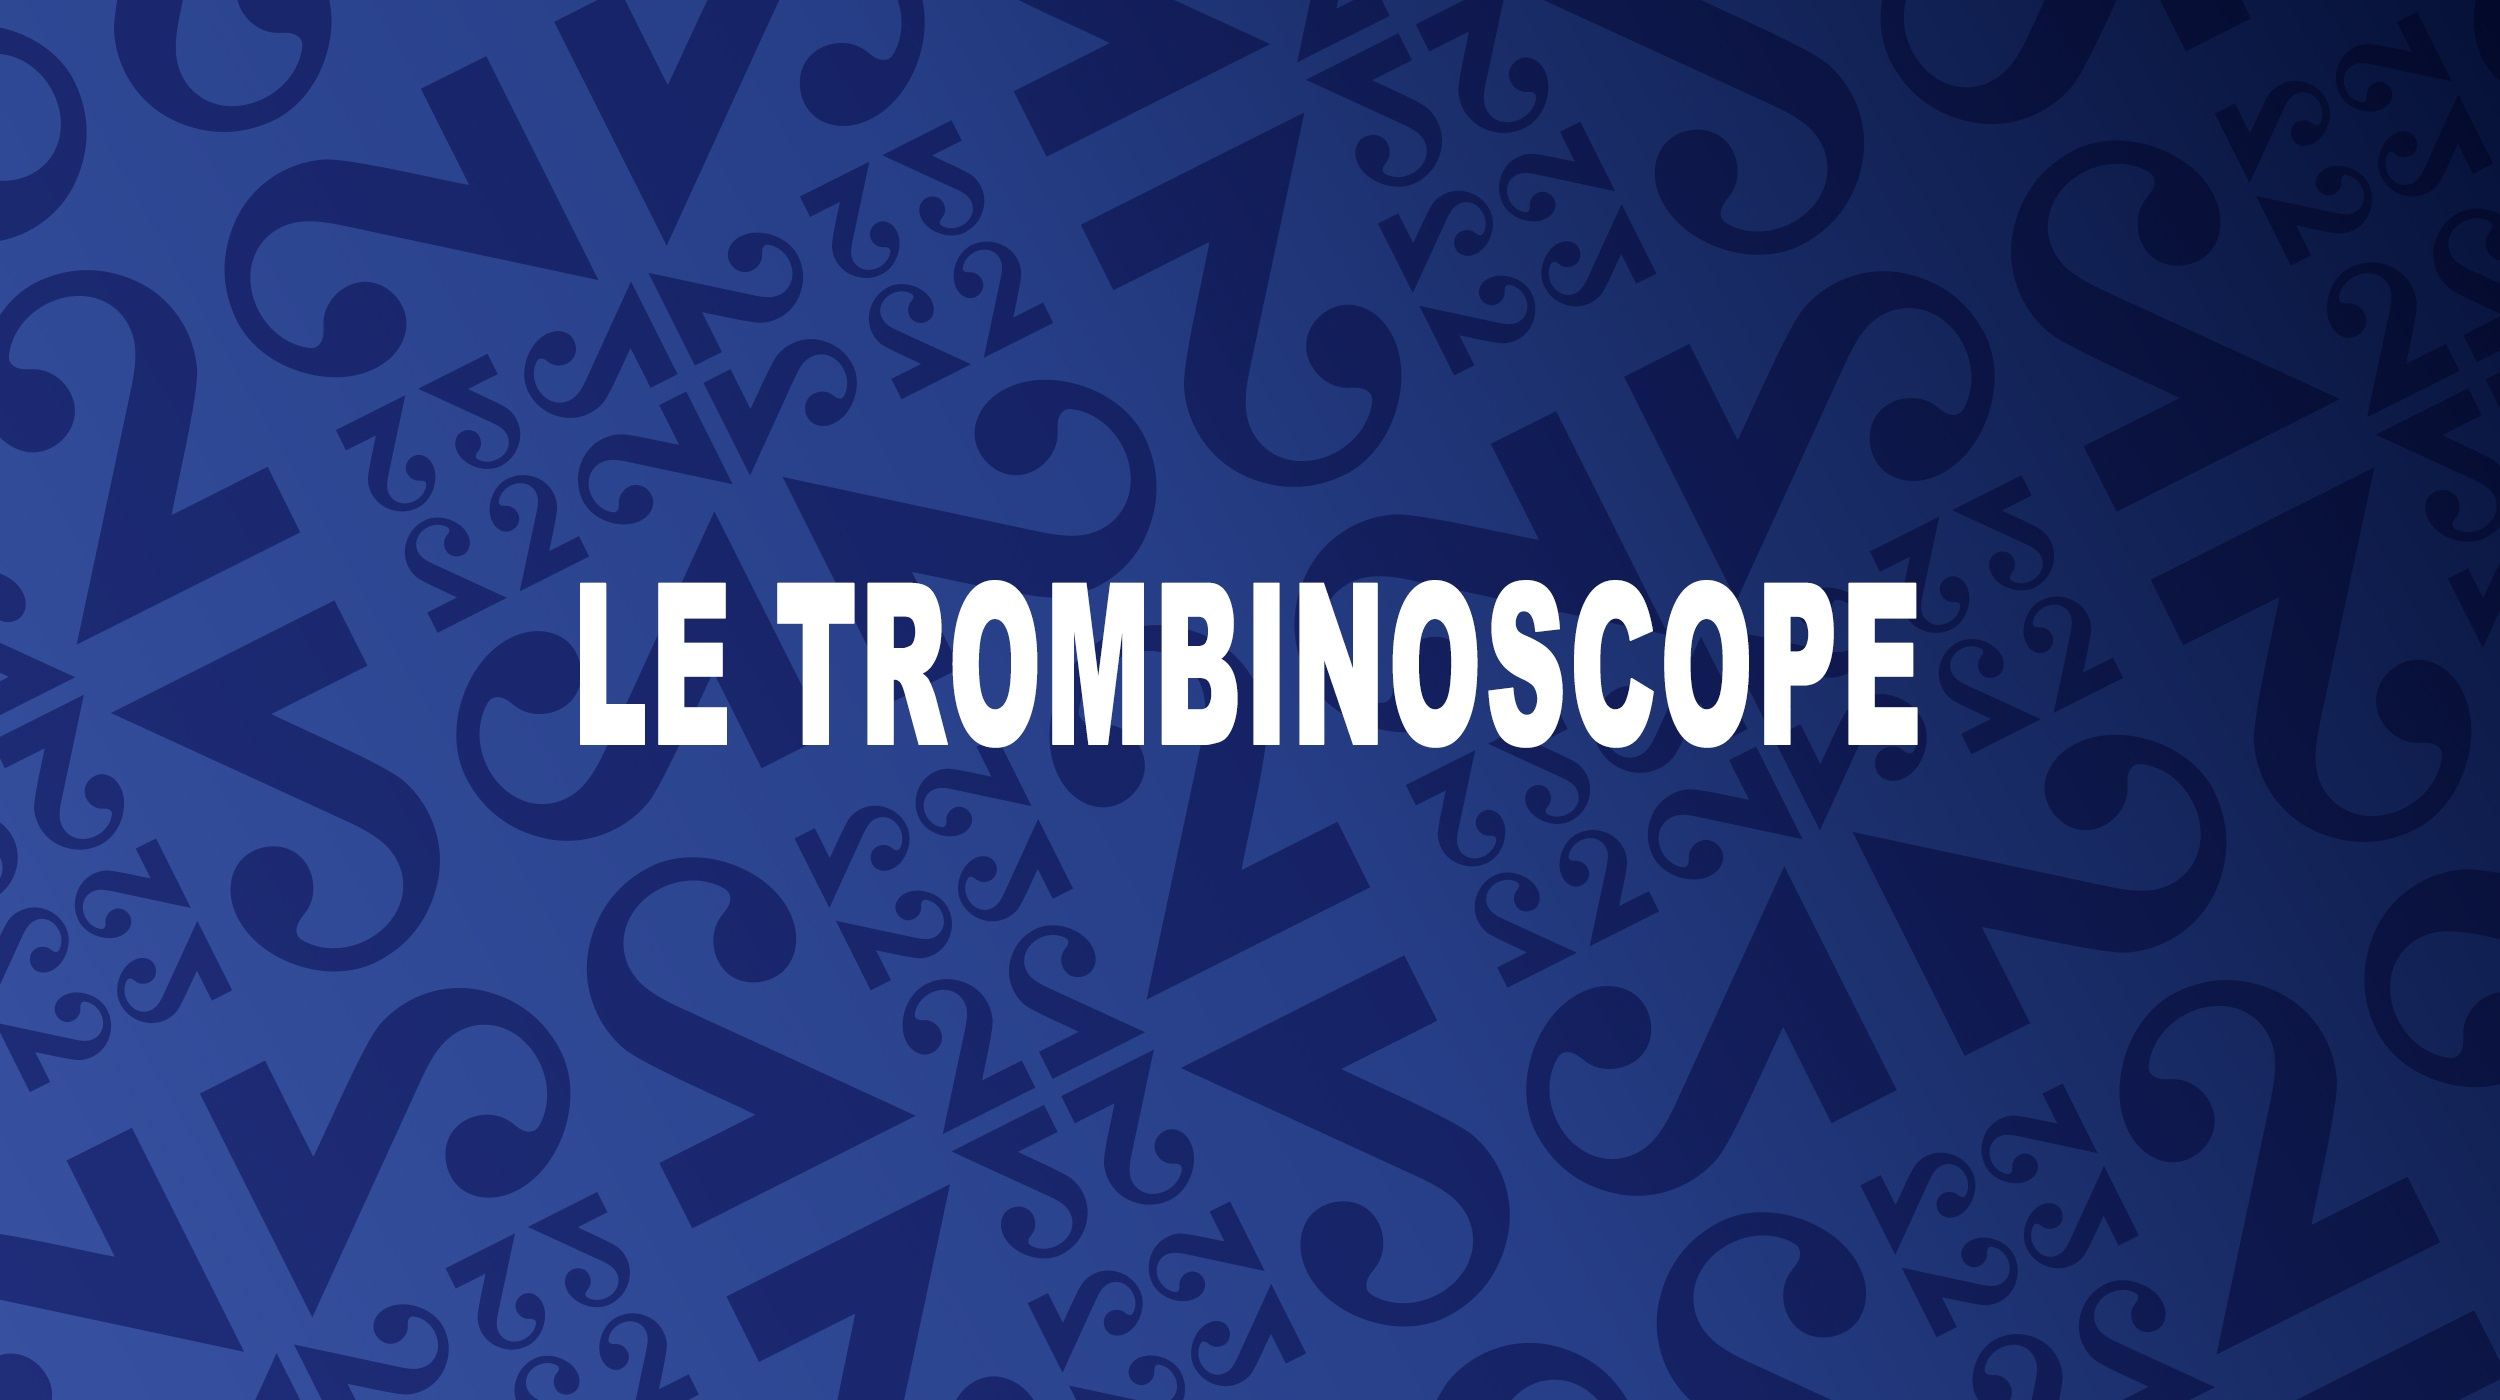 Trombinoscope logo